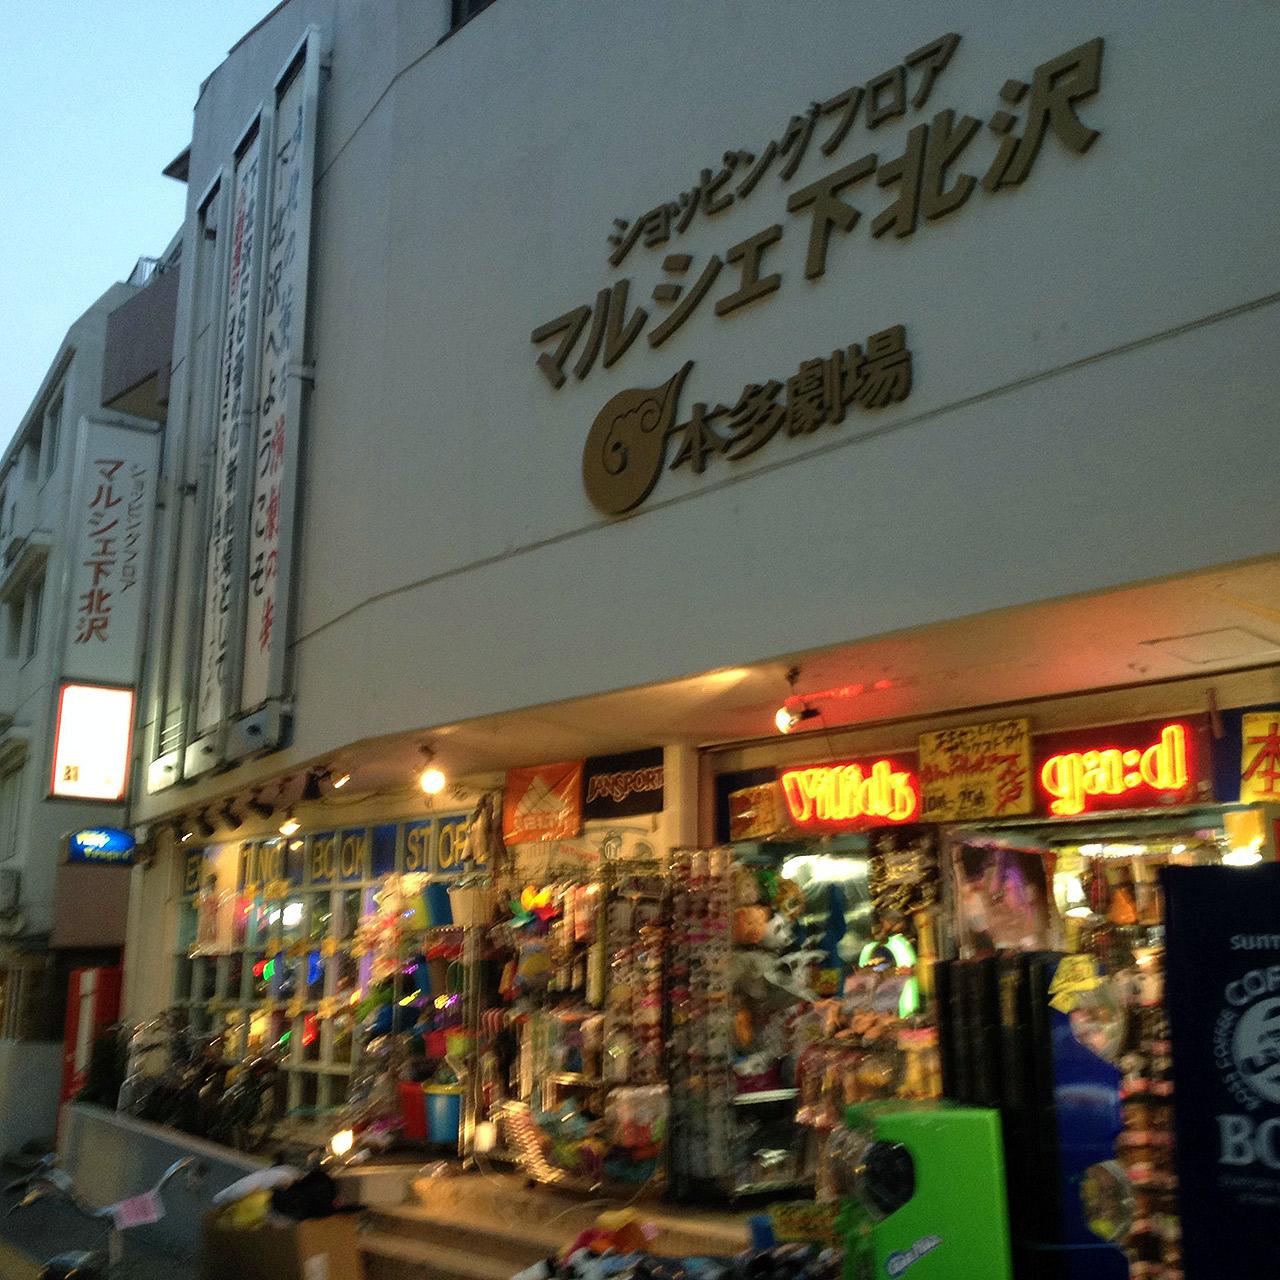 marche store shimokitzawa japanese storefront